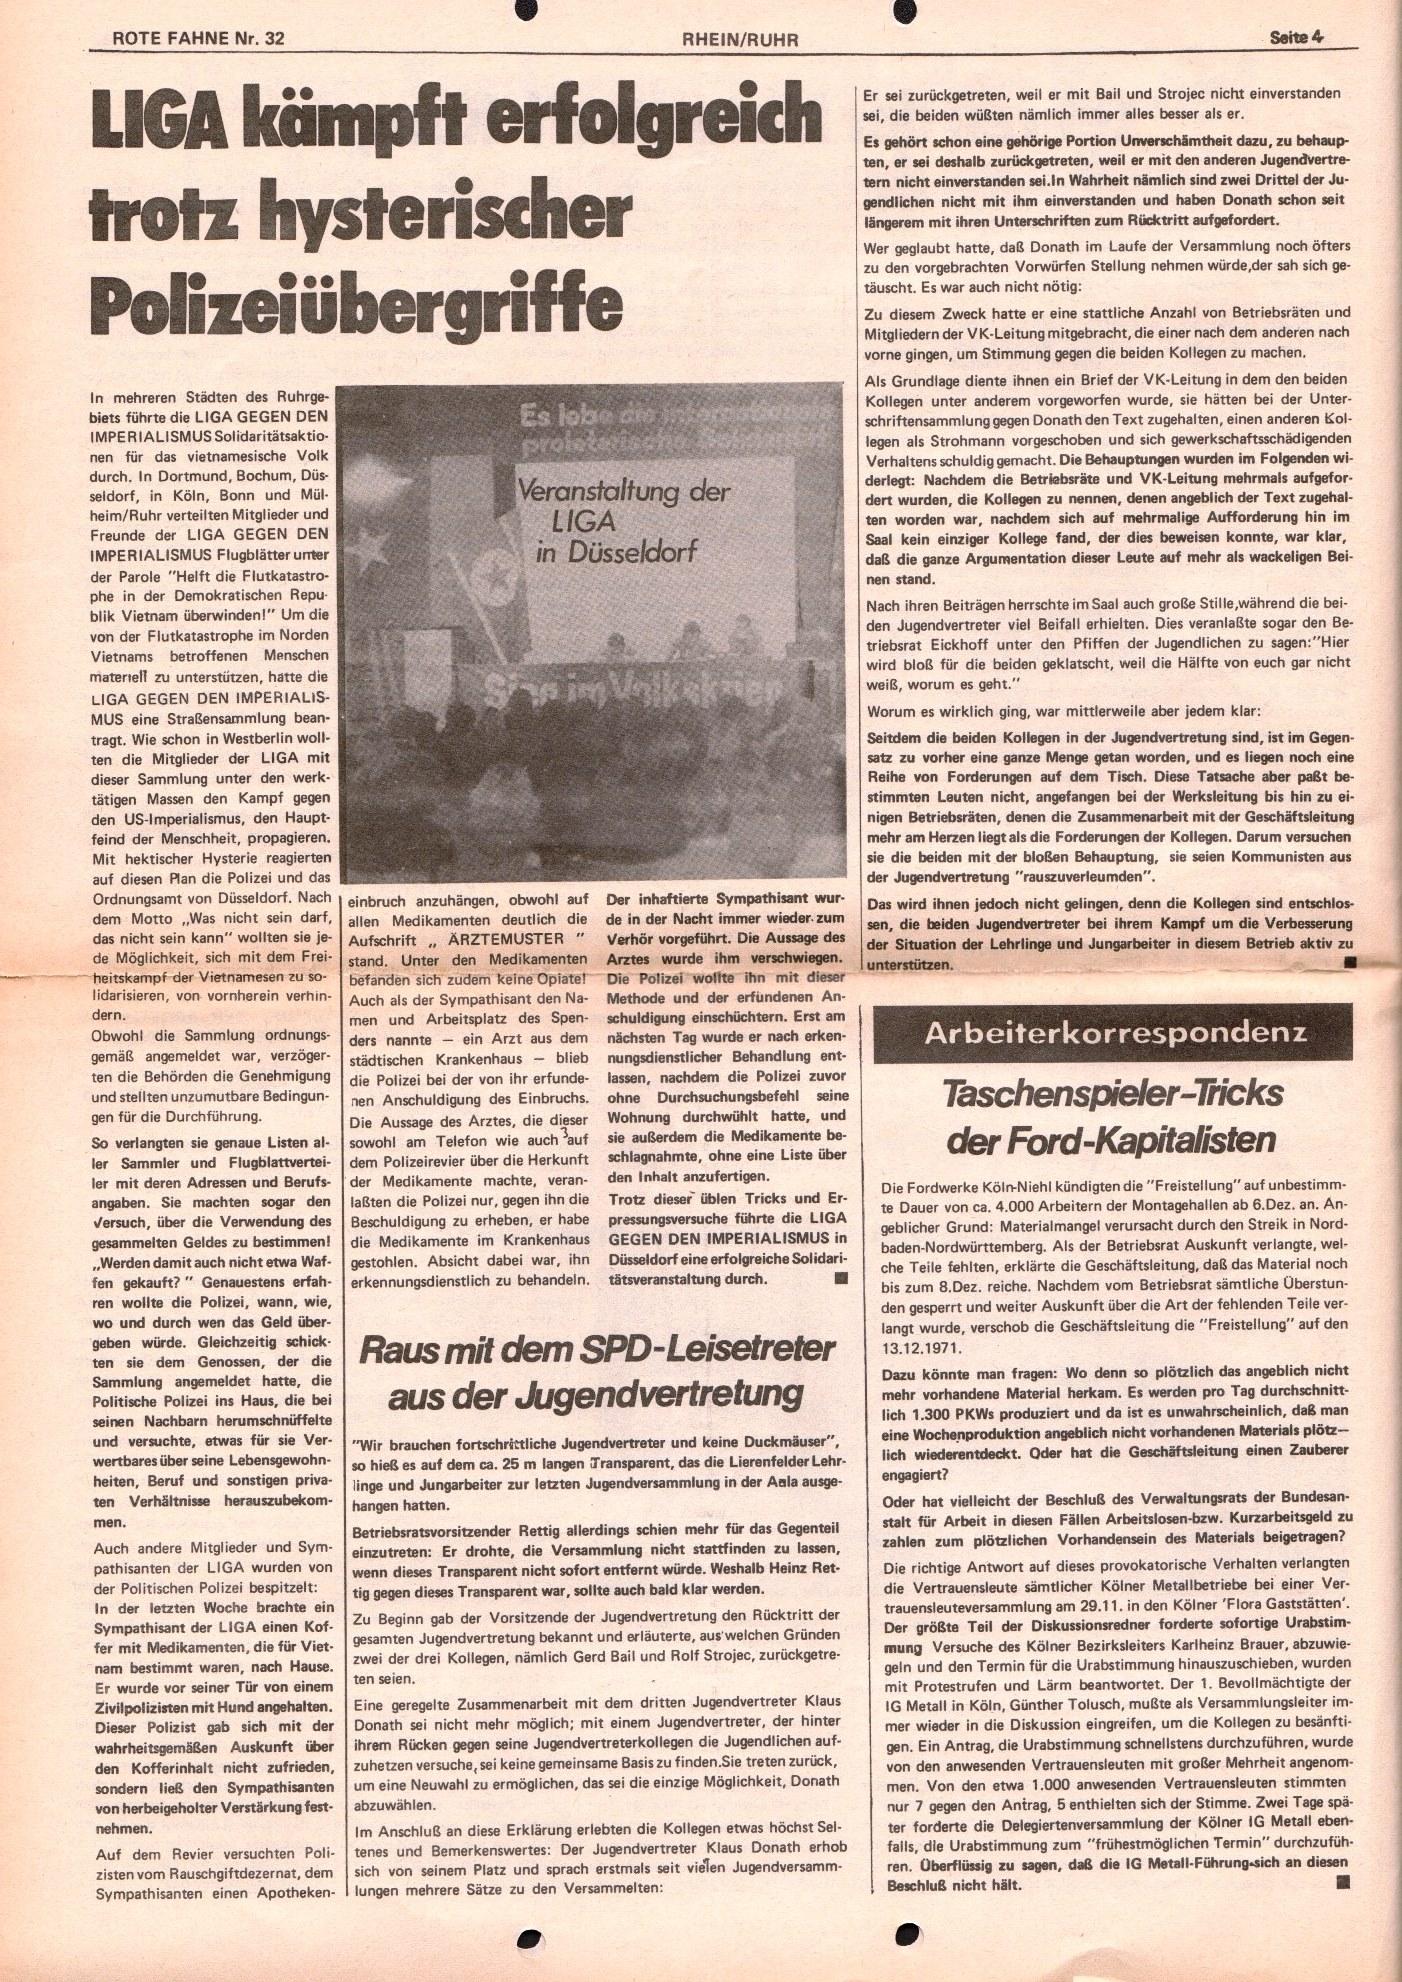 KPD_Rote_Fahne_1971_32_04